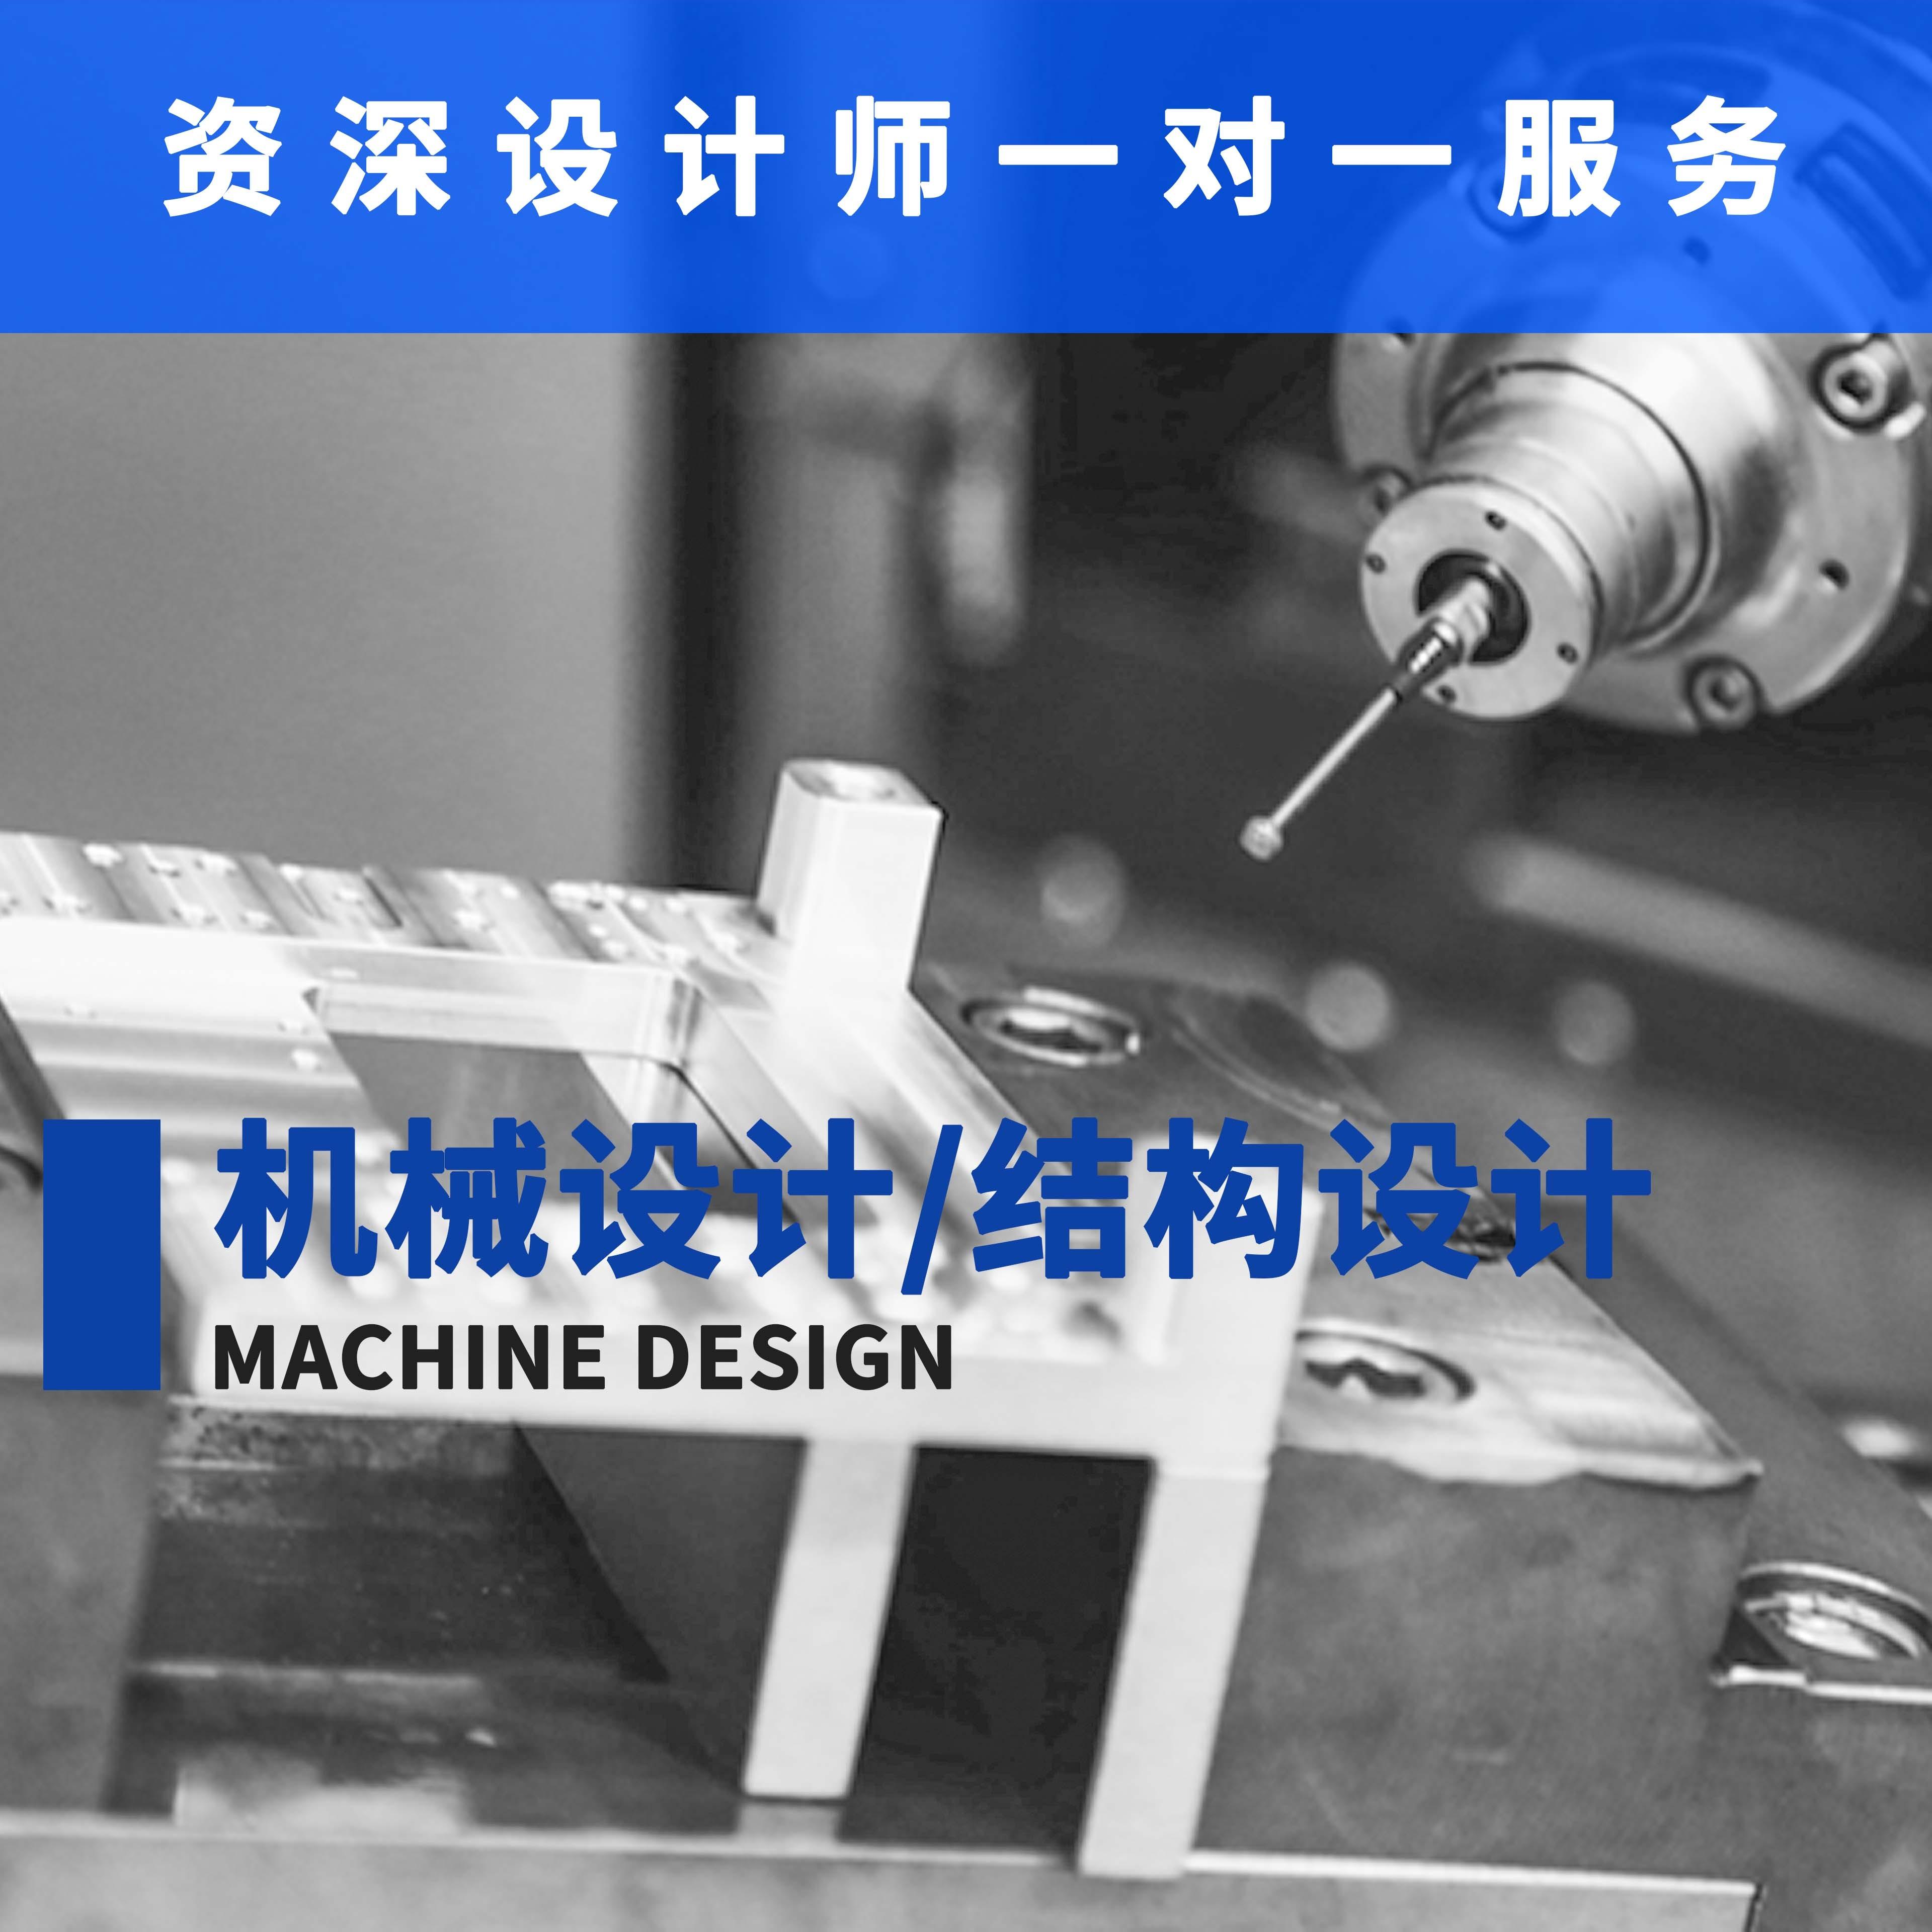 非标机械设计+非标设备设计+外观设计+设备生产组装